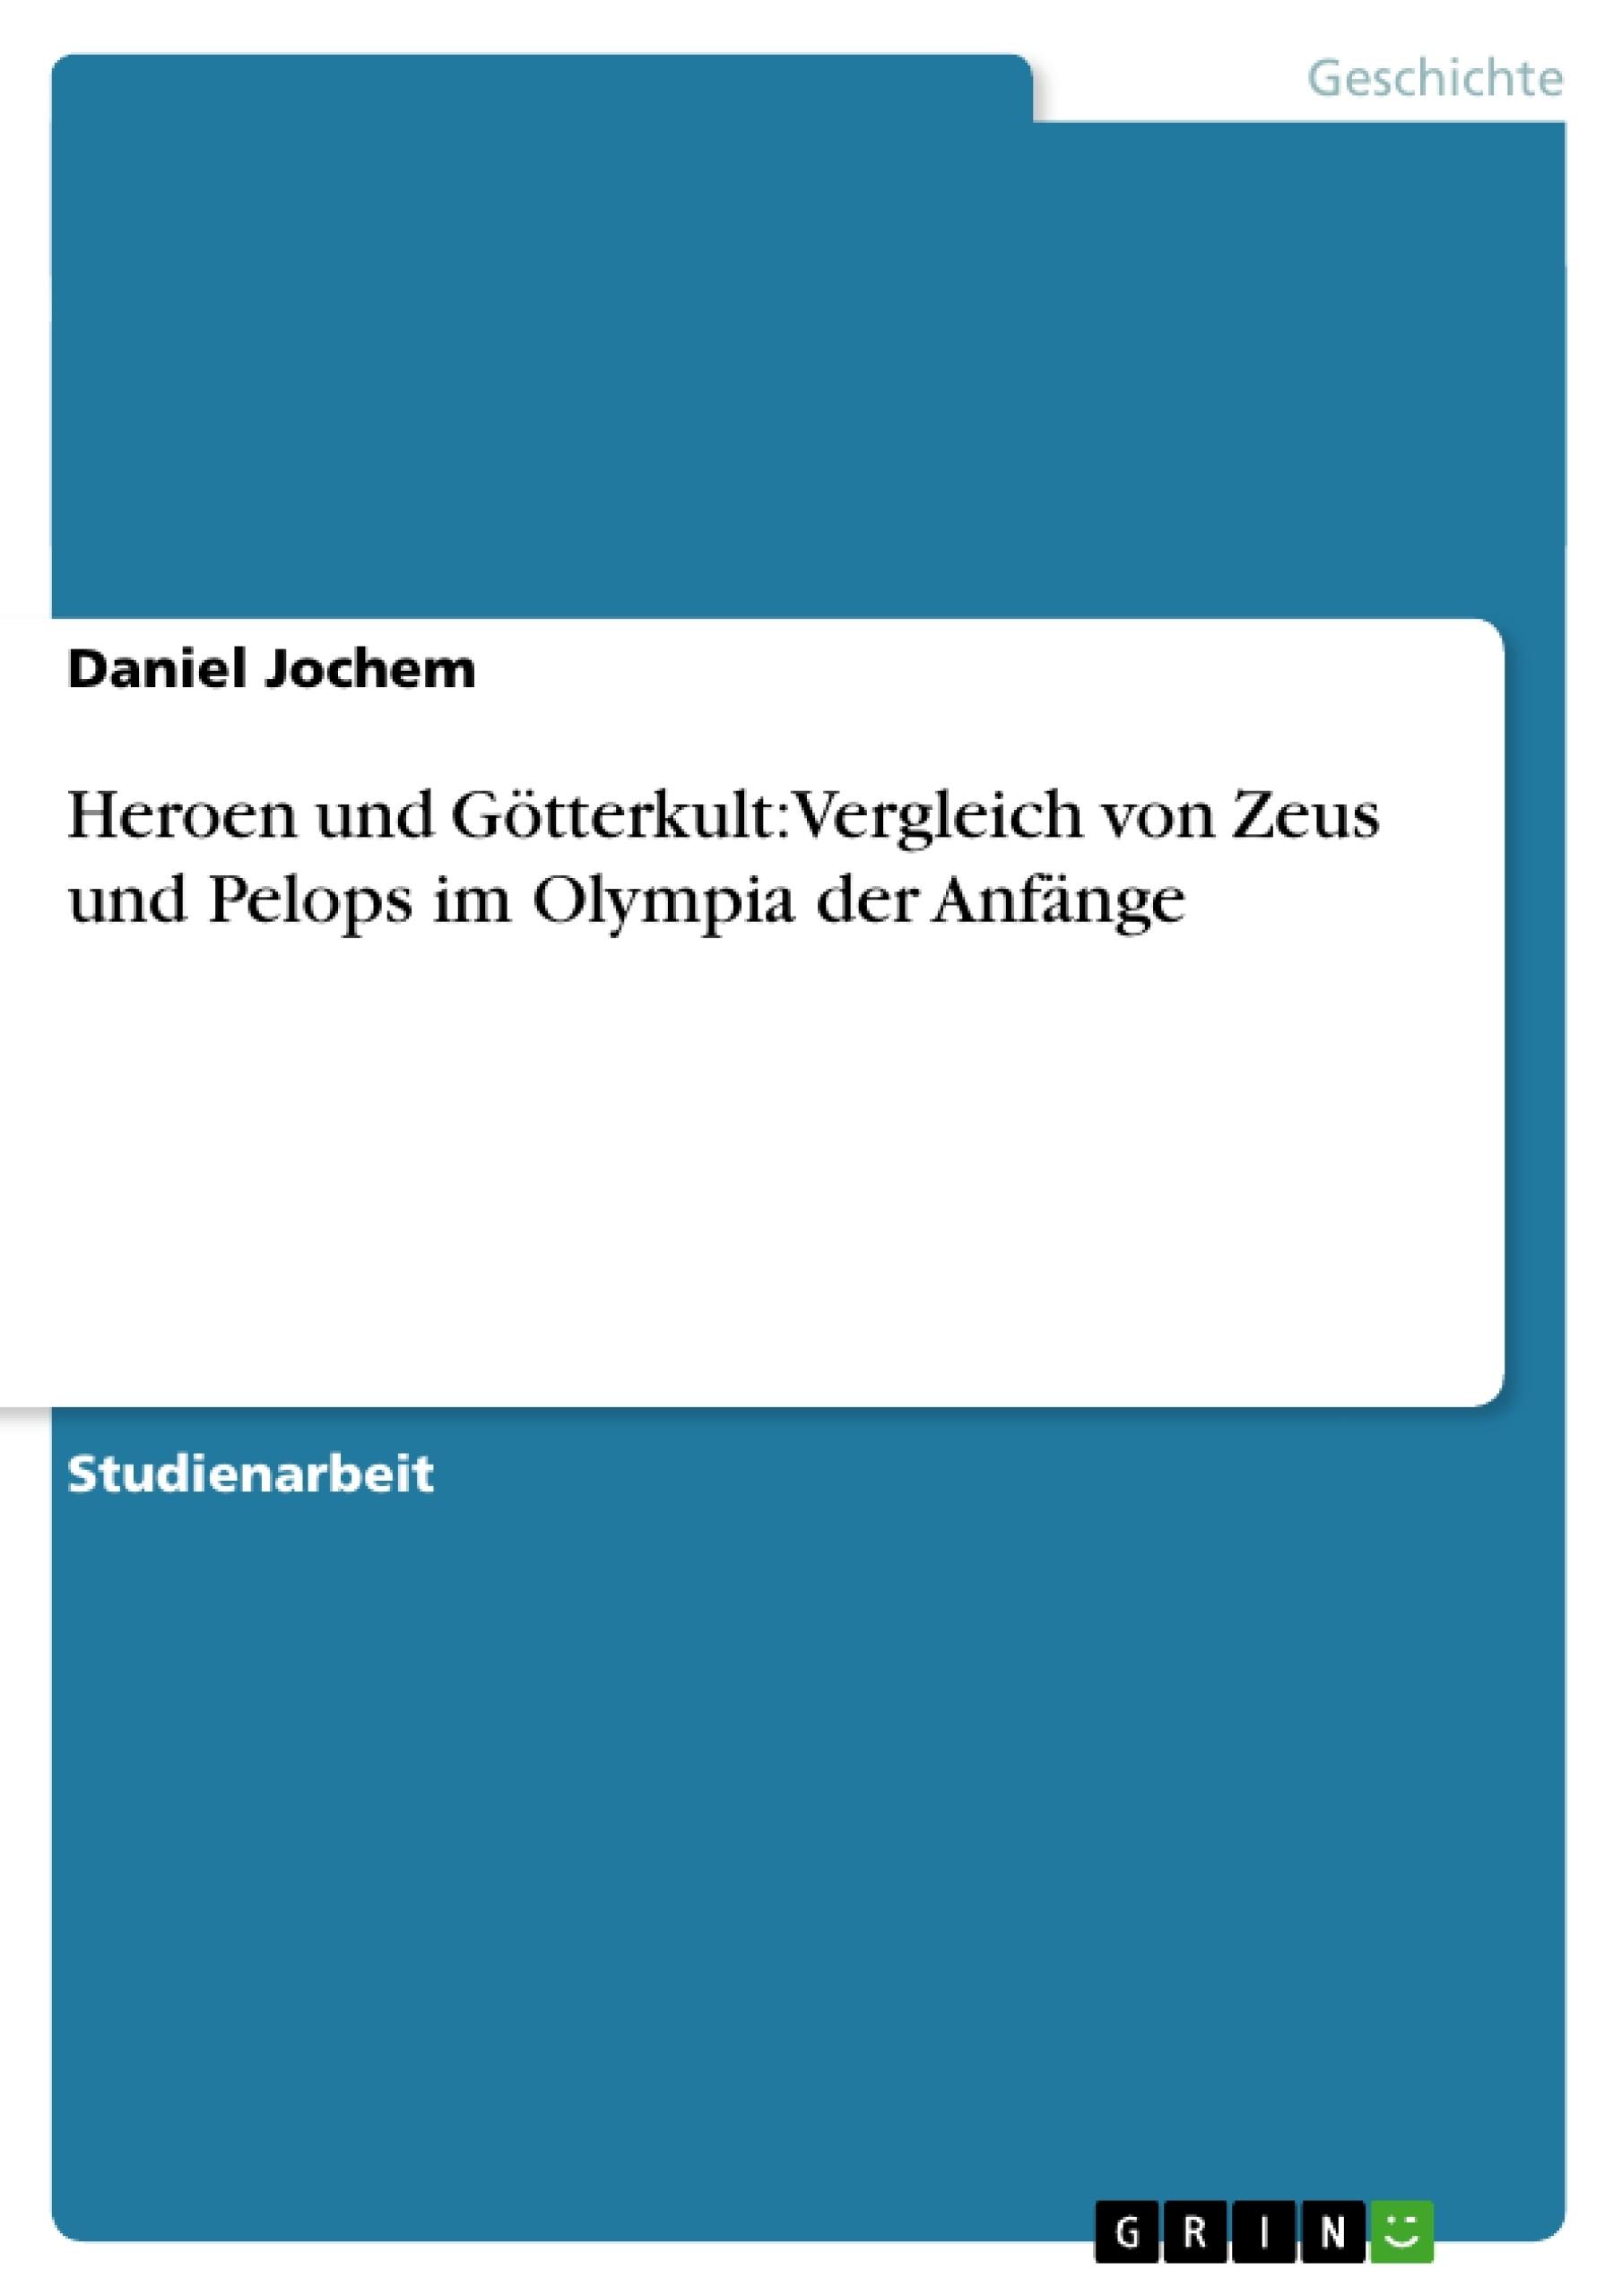 Titel: Heroen und Götterkult: Vergleich von Zeus und Pelops im Olympia der Anfänge